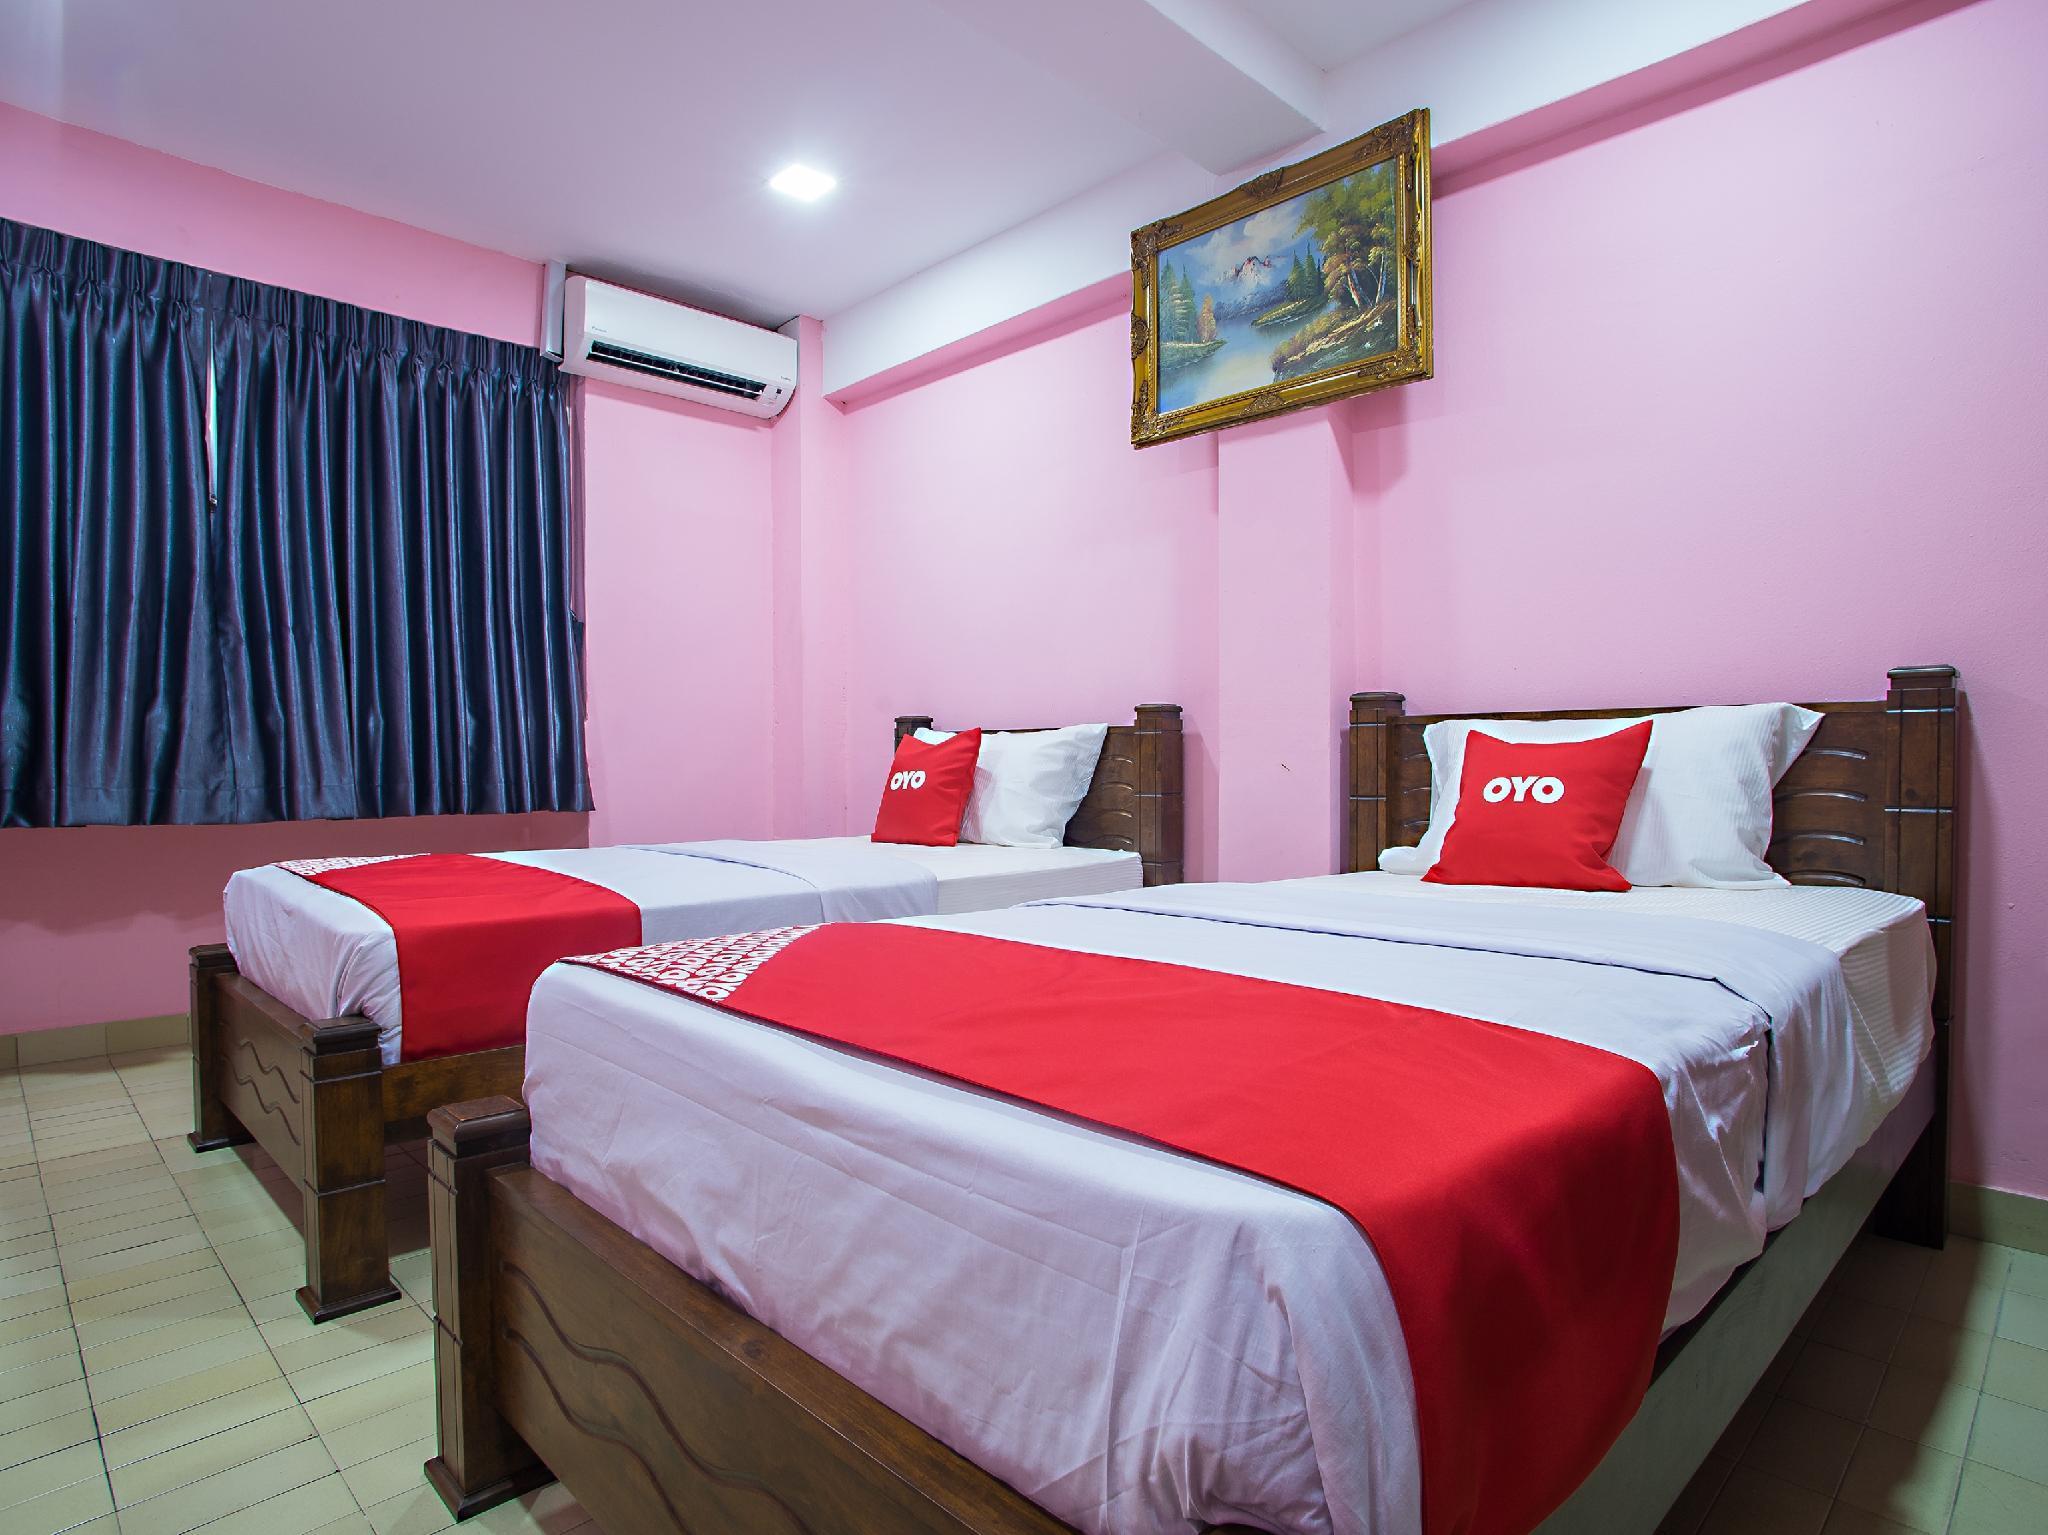 OYO 44015 MK Inn Hotel